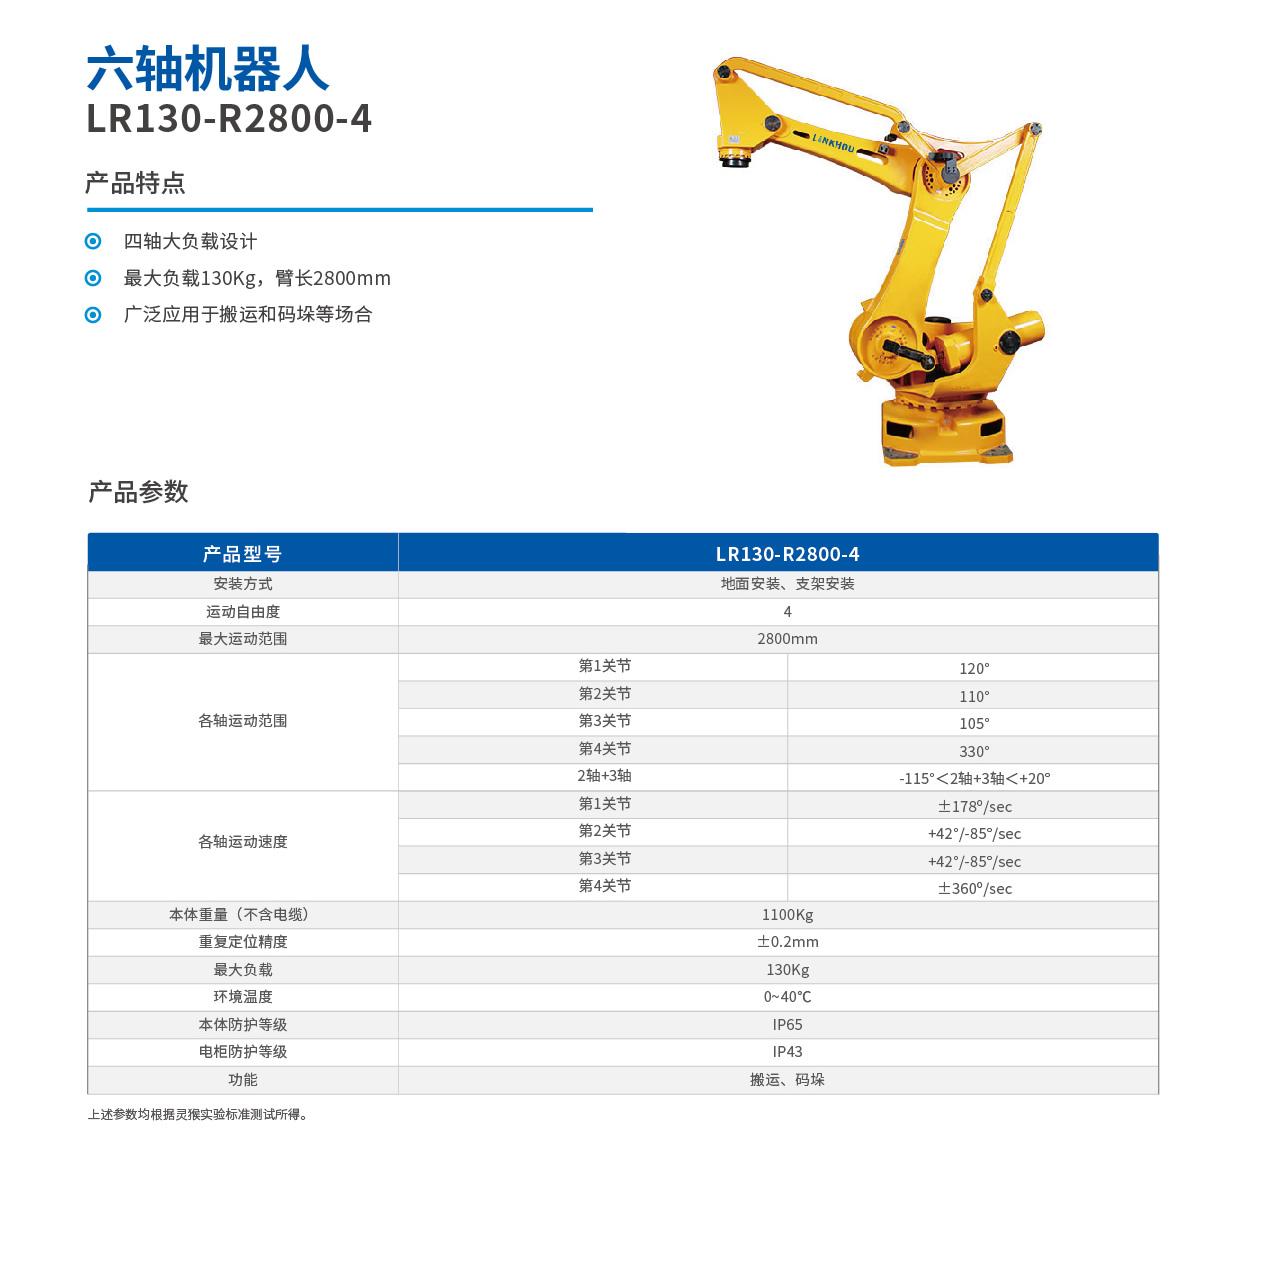 灵猴 LR130-R2800-4 六轴机器人